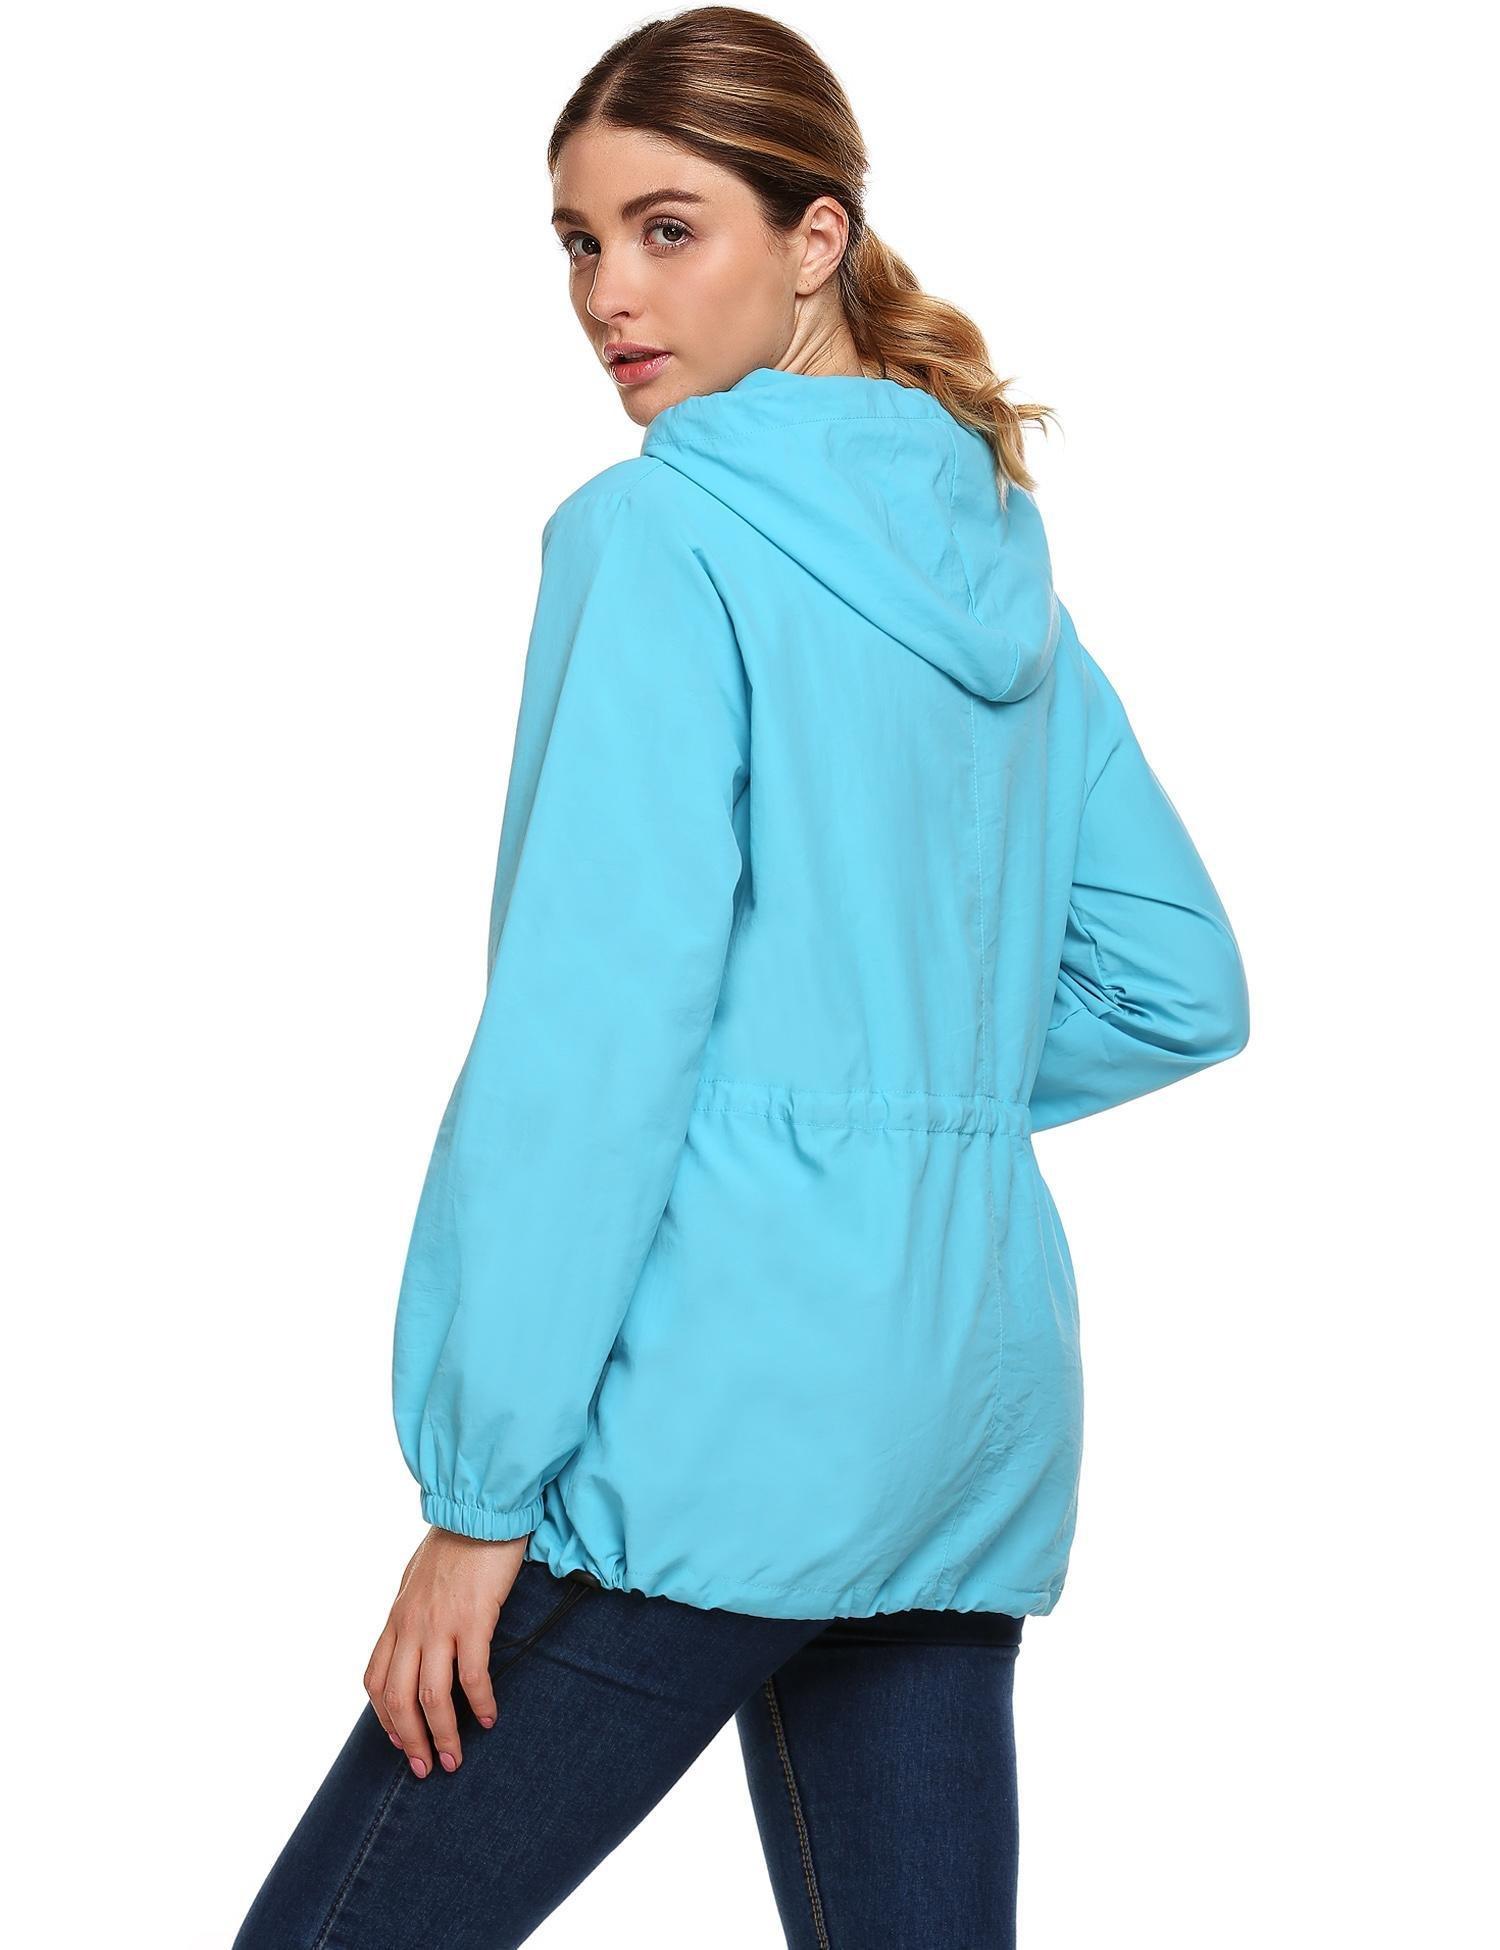 FineFolk Women Waterproof Lightweight Hood Reflective Outdoor Raincoat Windbreaker Rain Jacket Black